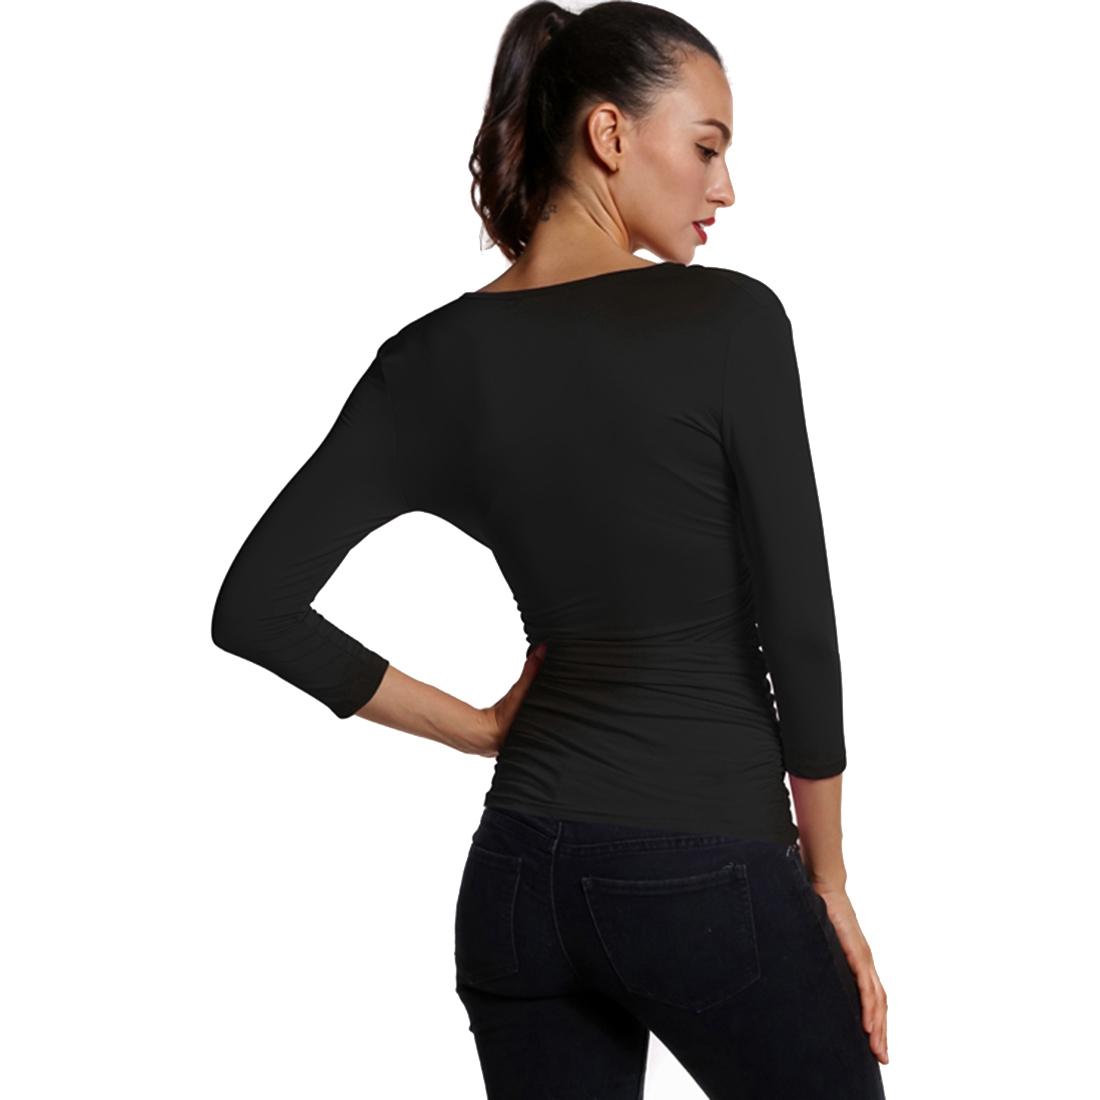 Women 39 s slim v neck solid three quarter sleeve tops t for Womens black v neck t shirt